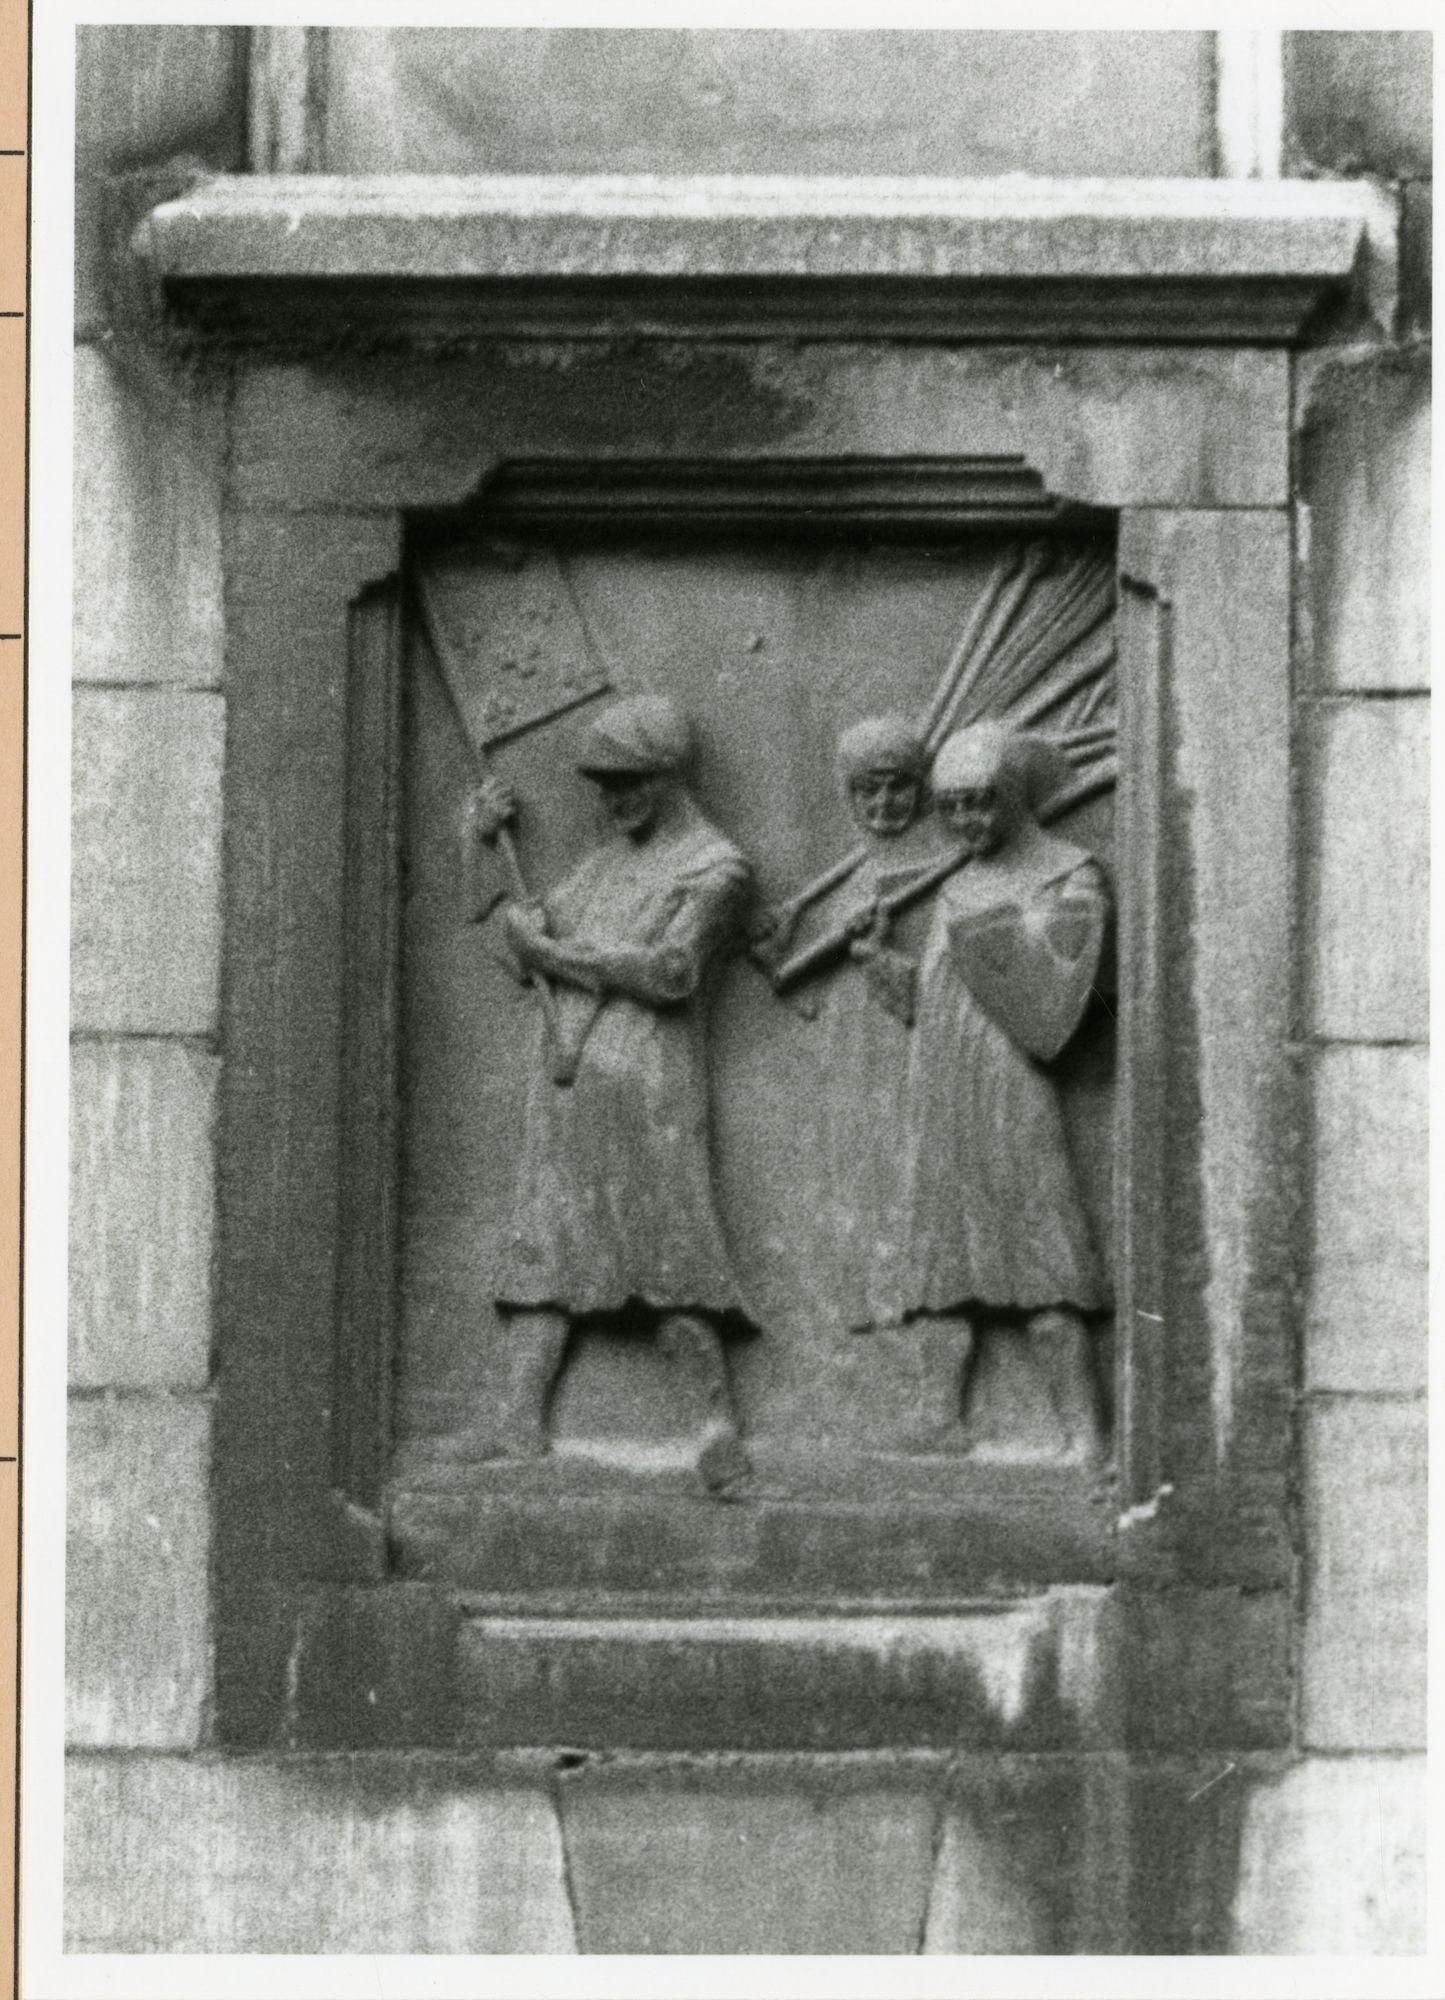 Gent: Belfortstraat 1: reliëf: soldaten (stadsmilitie), 1980